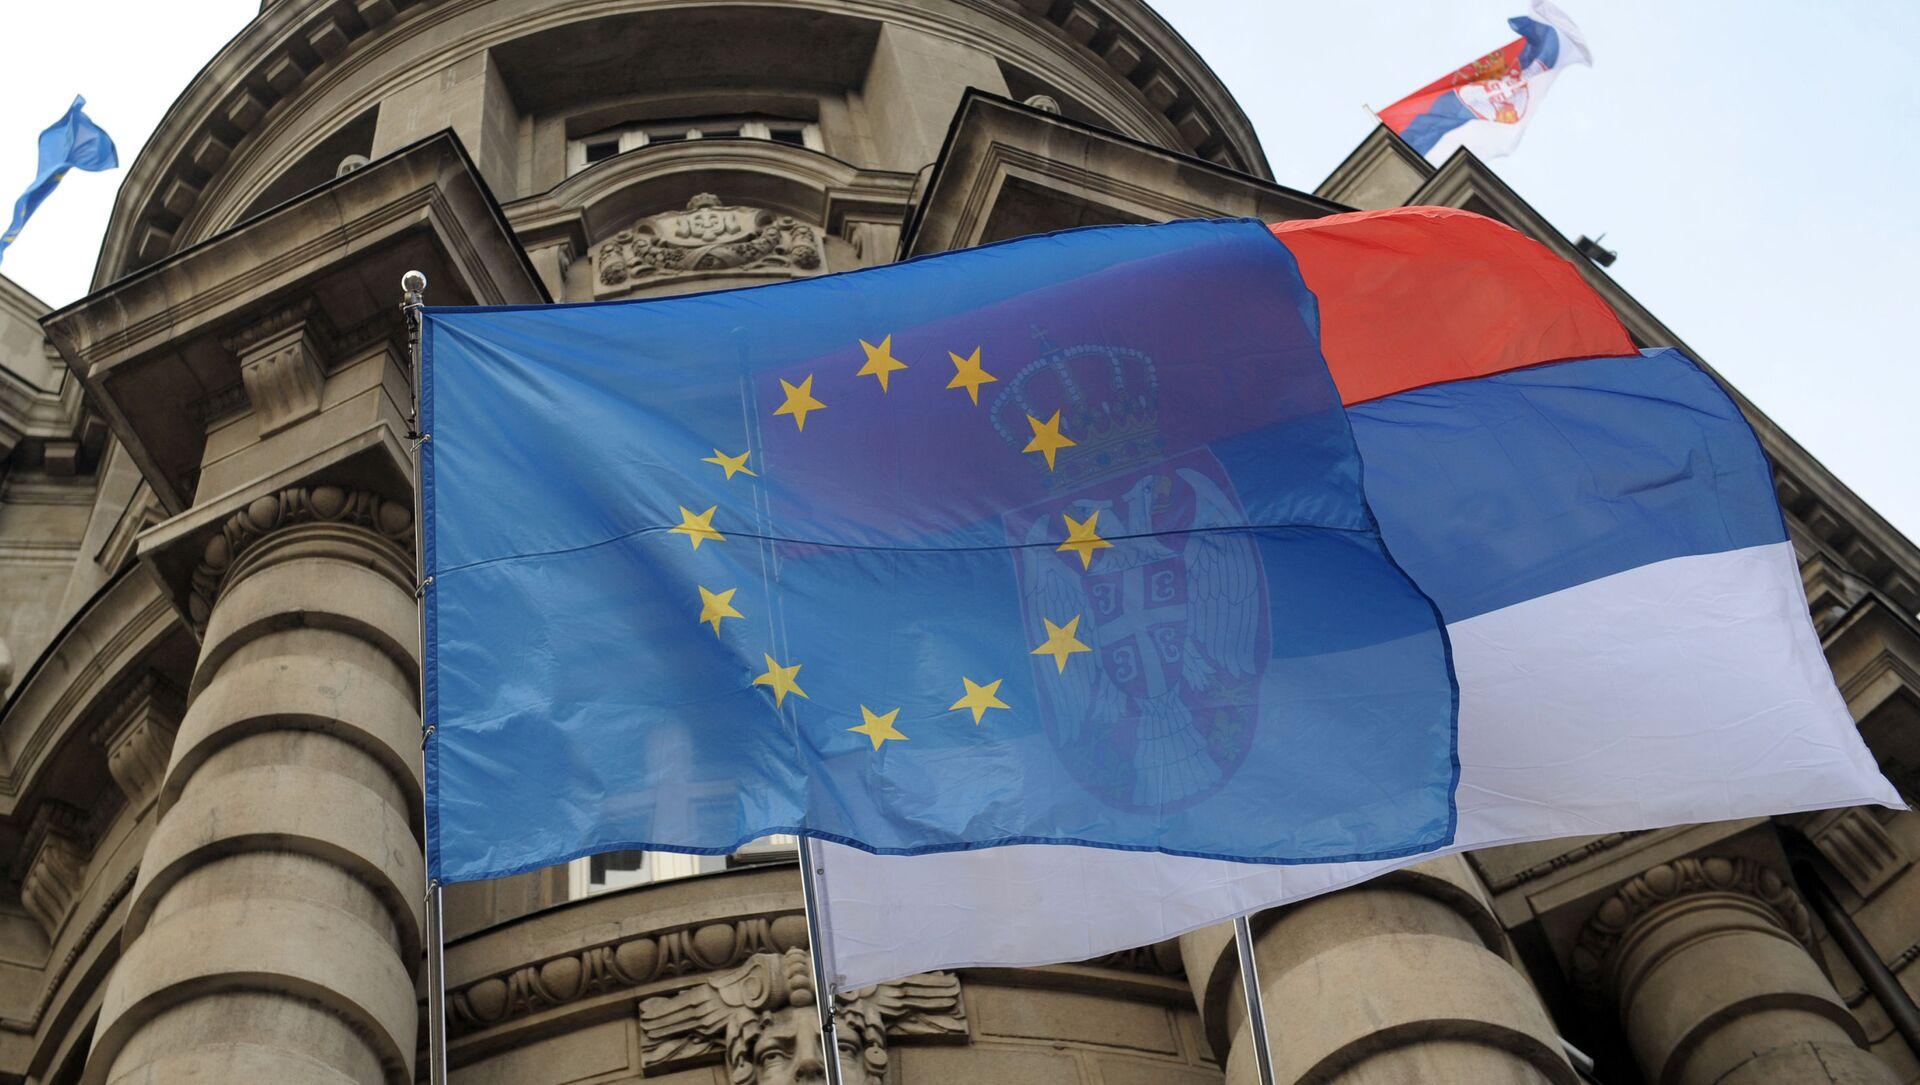 Flagi UE i Serbii na fasadzie budynku rządu w Belgradzie - Sputnik Polska, 1920, 06.06.2021